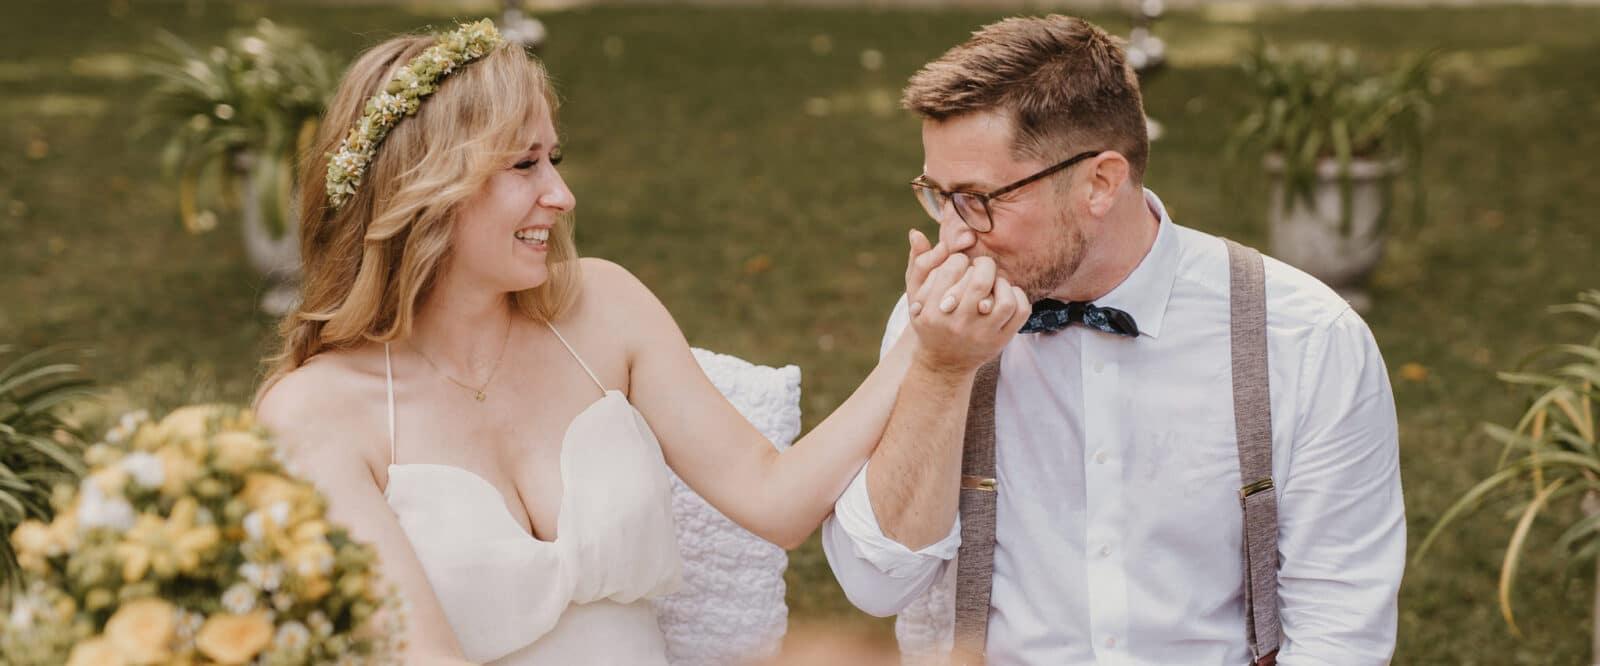 Hochzeit zu zweit, bleiche, burg, spreewald, hochzeitsfotograf, raphael kellner